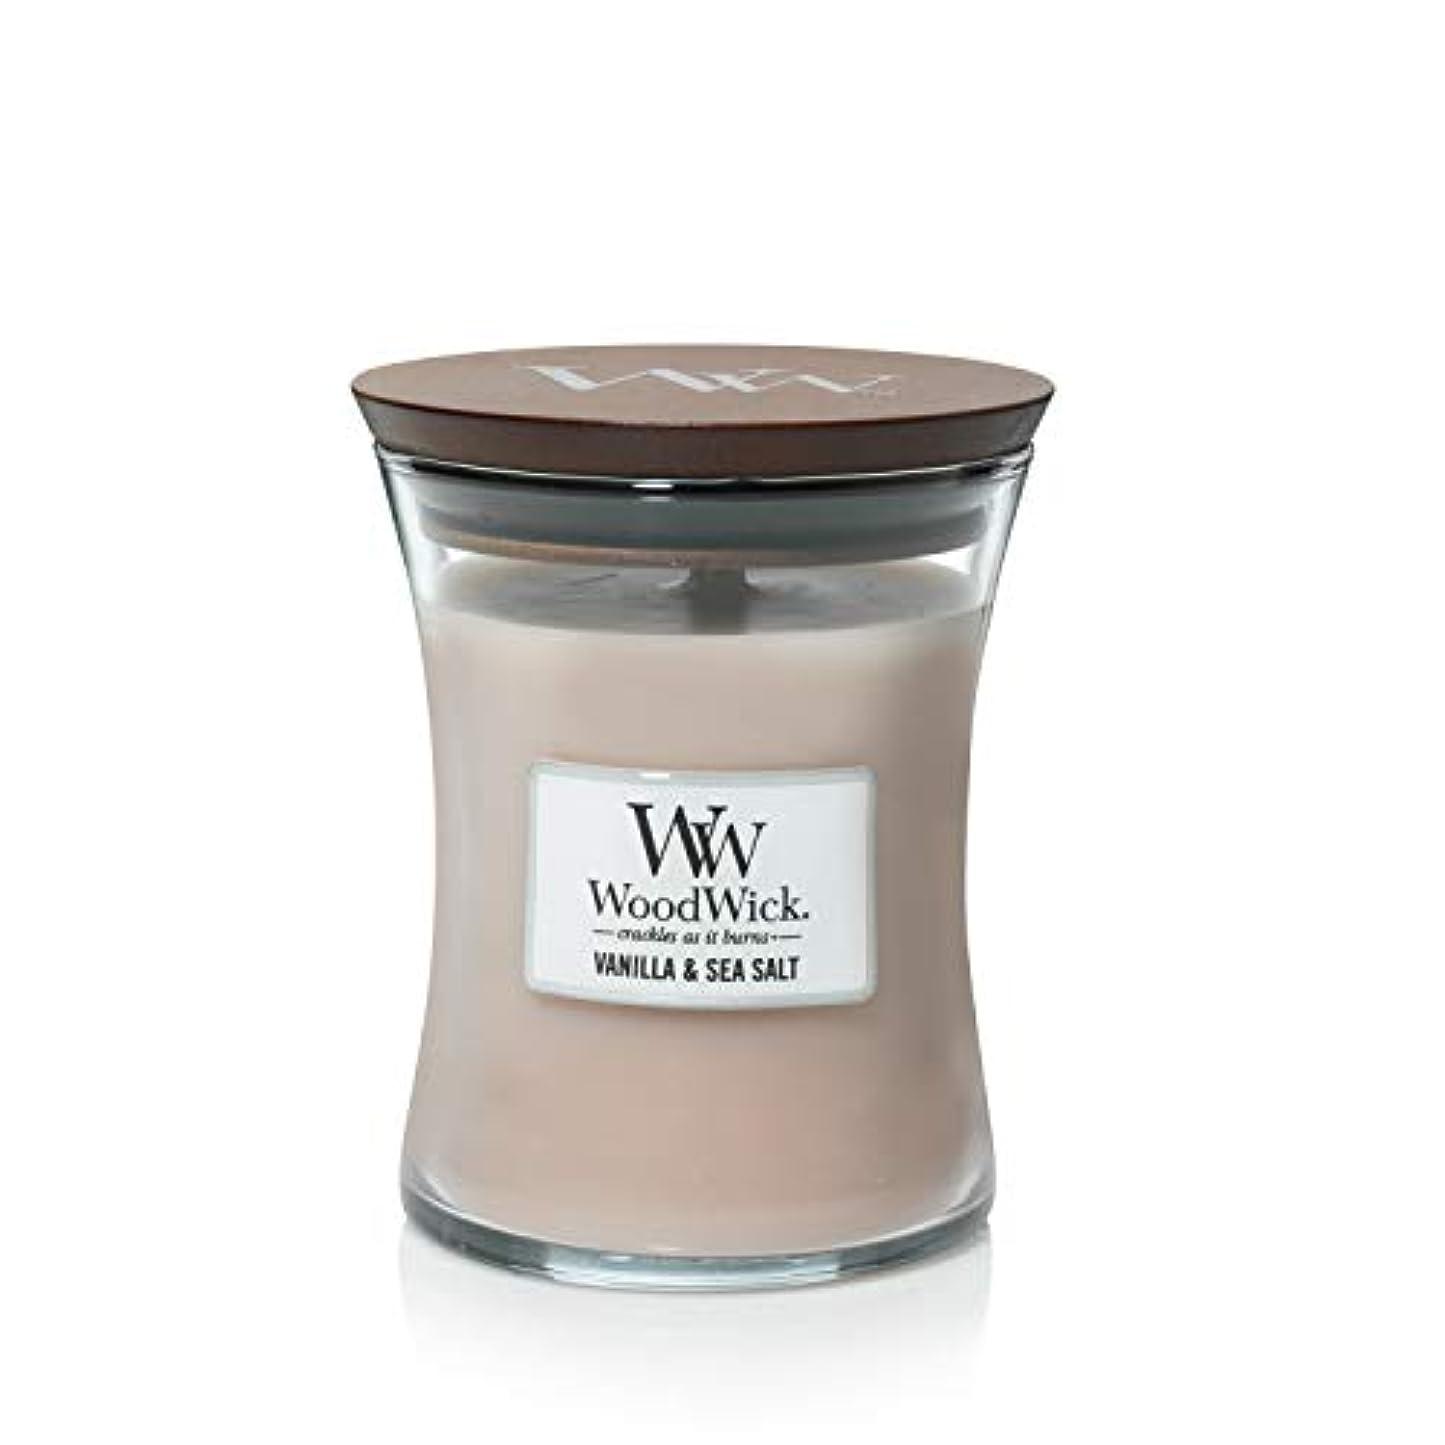 ほとんどない文明化何故なのバニラSea Salt WoodWick 10 oz Medium砂時計Jar Candle Burns 100時間